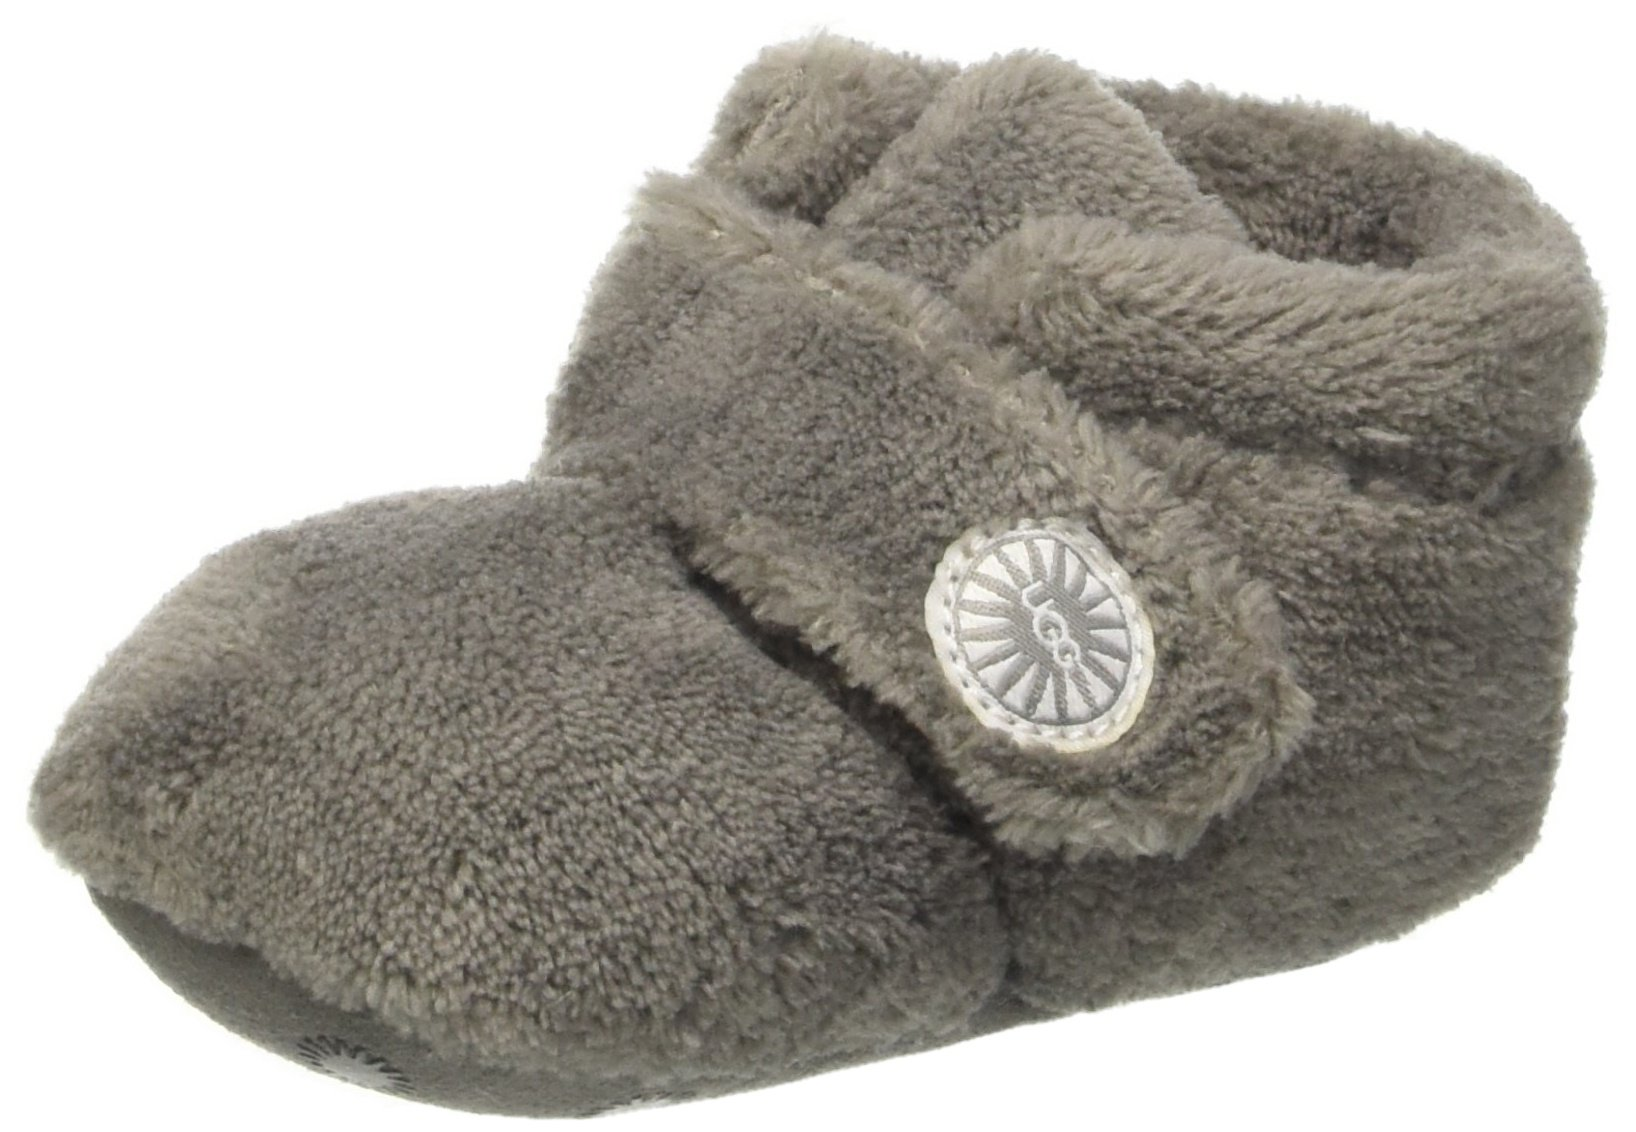 UGG Australia Unisex Babies' Bixbee Shoes